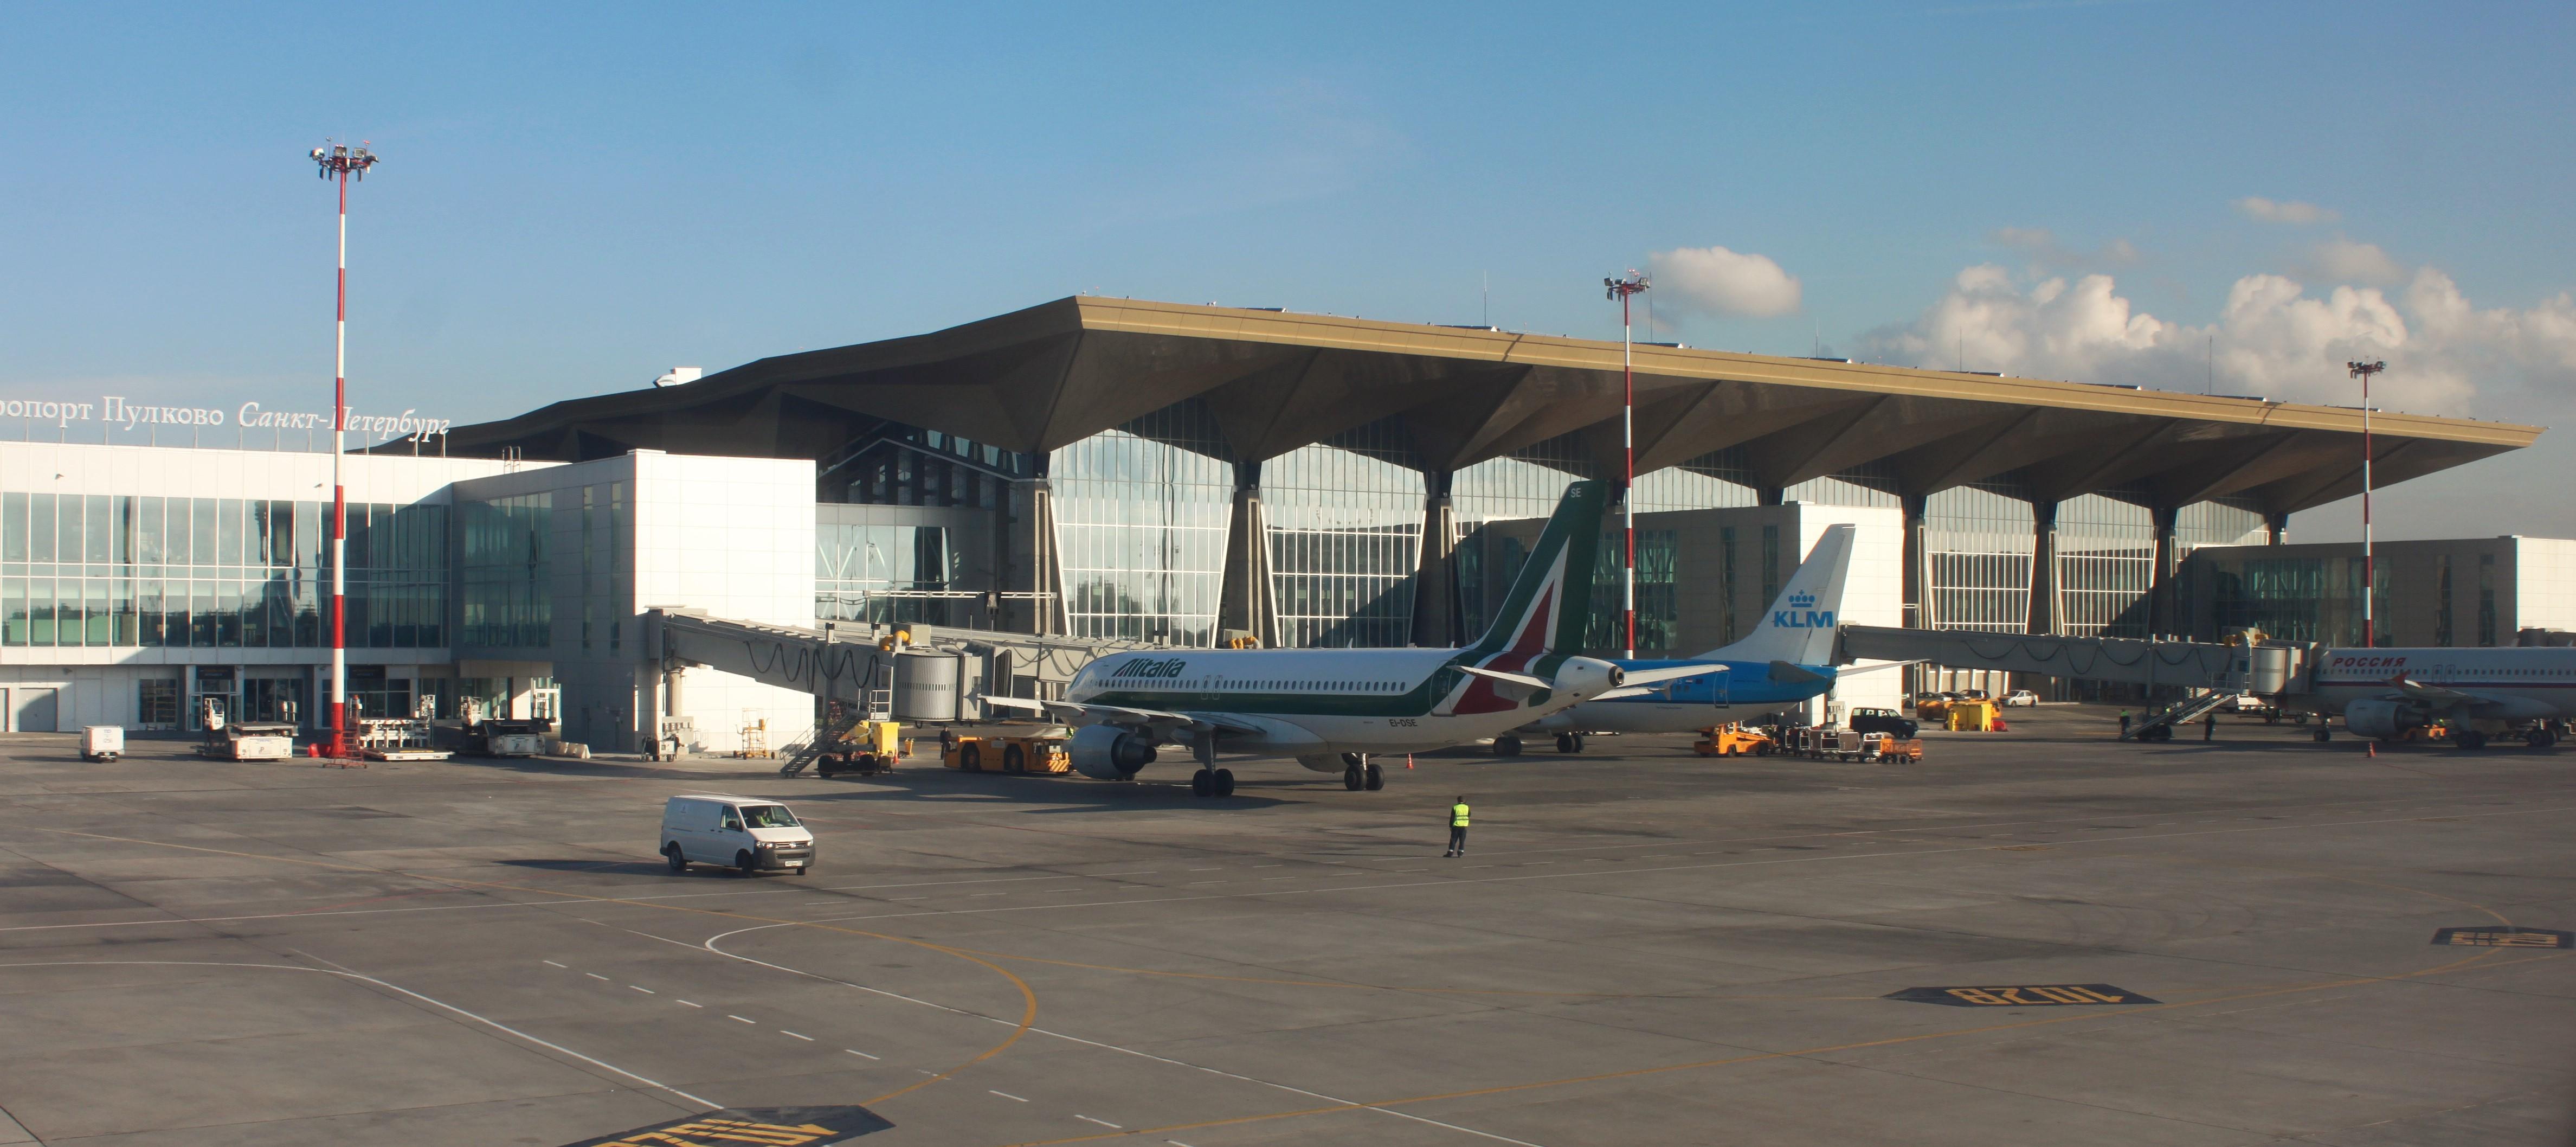 Бронирование билетов на самолет в пулково онлайн билеты на самолет цены с астаны на павлодар